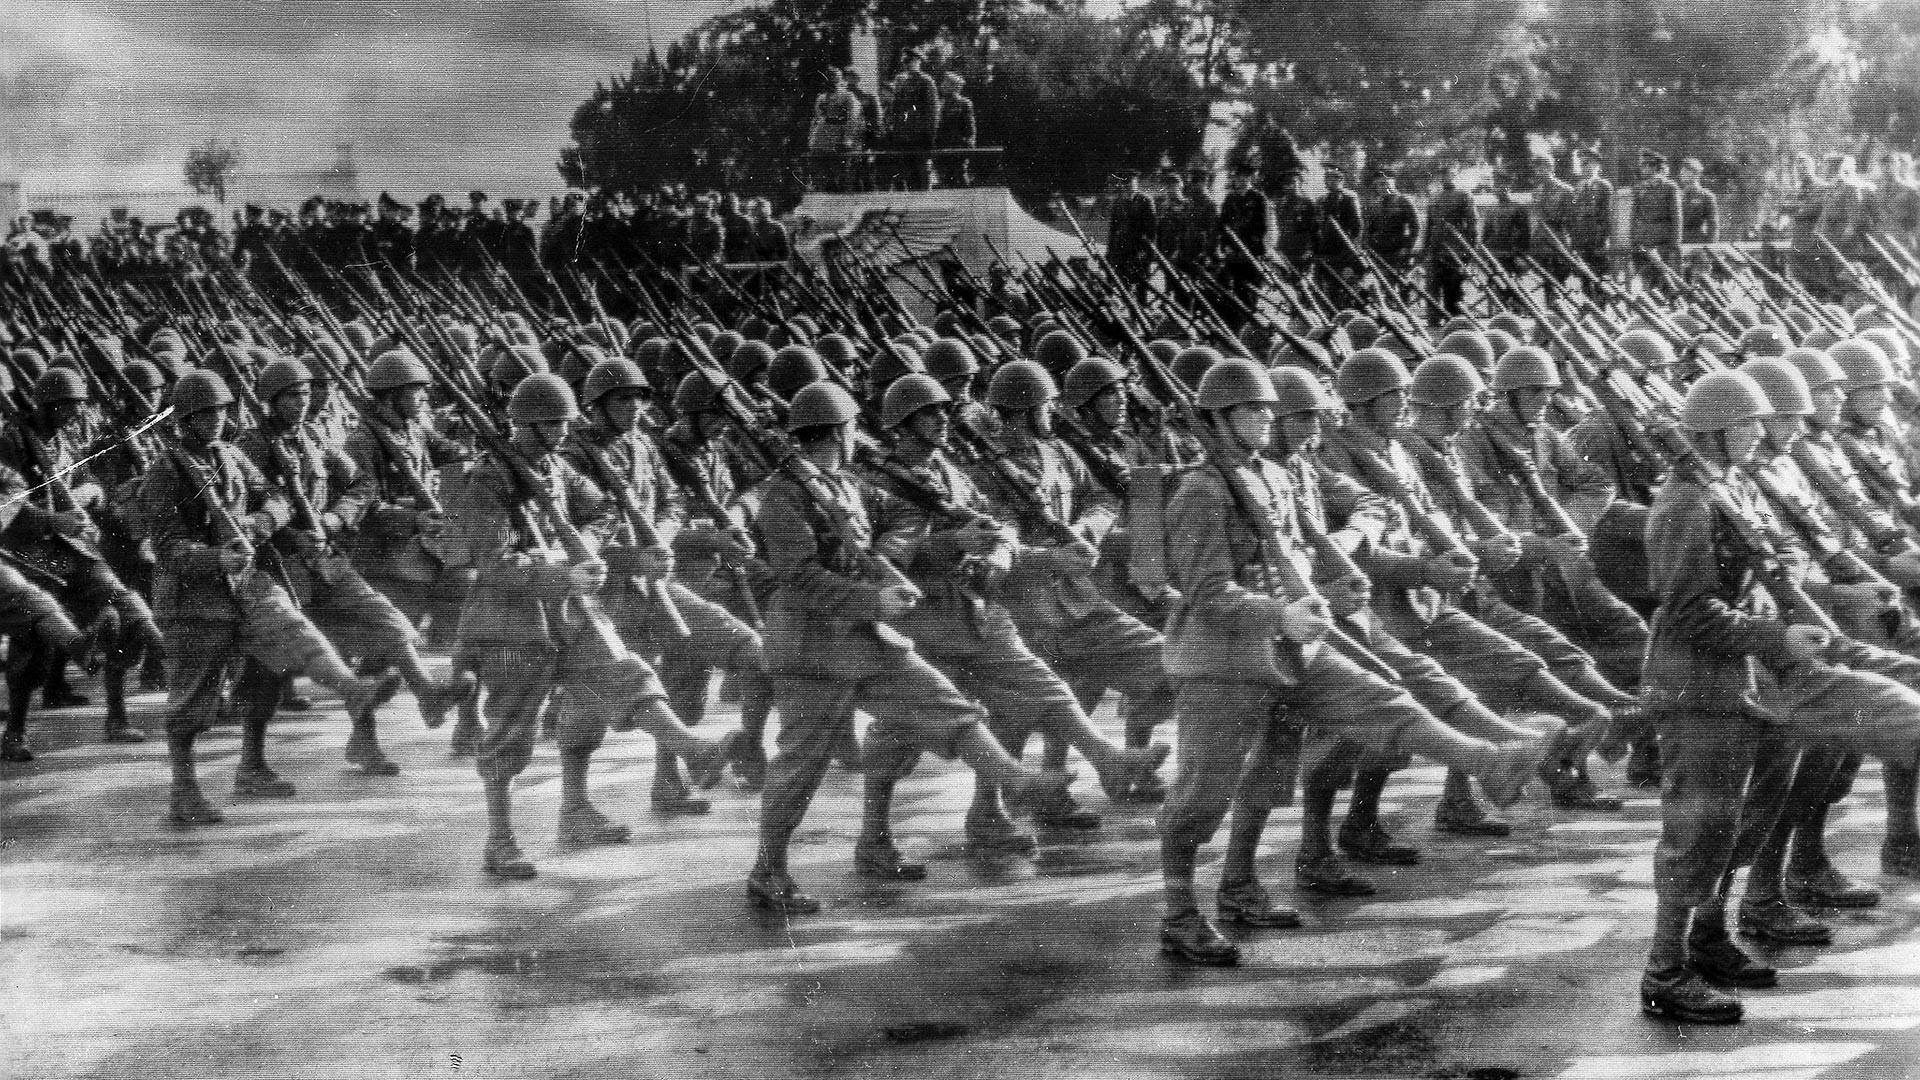 Talijanski ekspedicijski korpus paradira ispred Mussolinija i njemačkog vojnog atašea u Rimu uoči odlaska u rat protiv Sovjetskog Saveza, početak srpnja 1941.